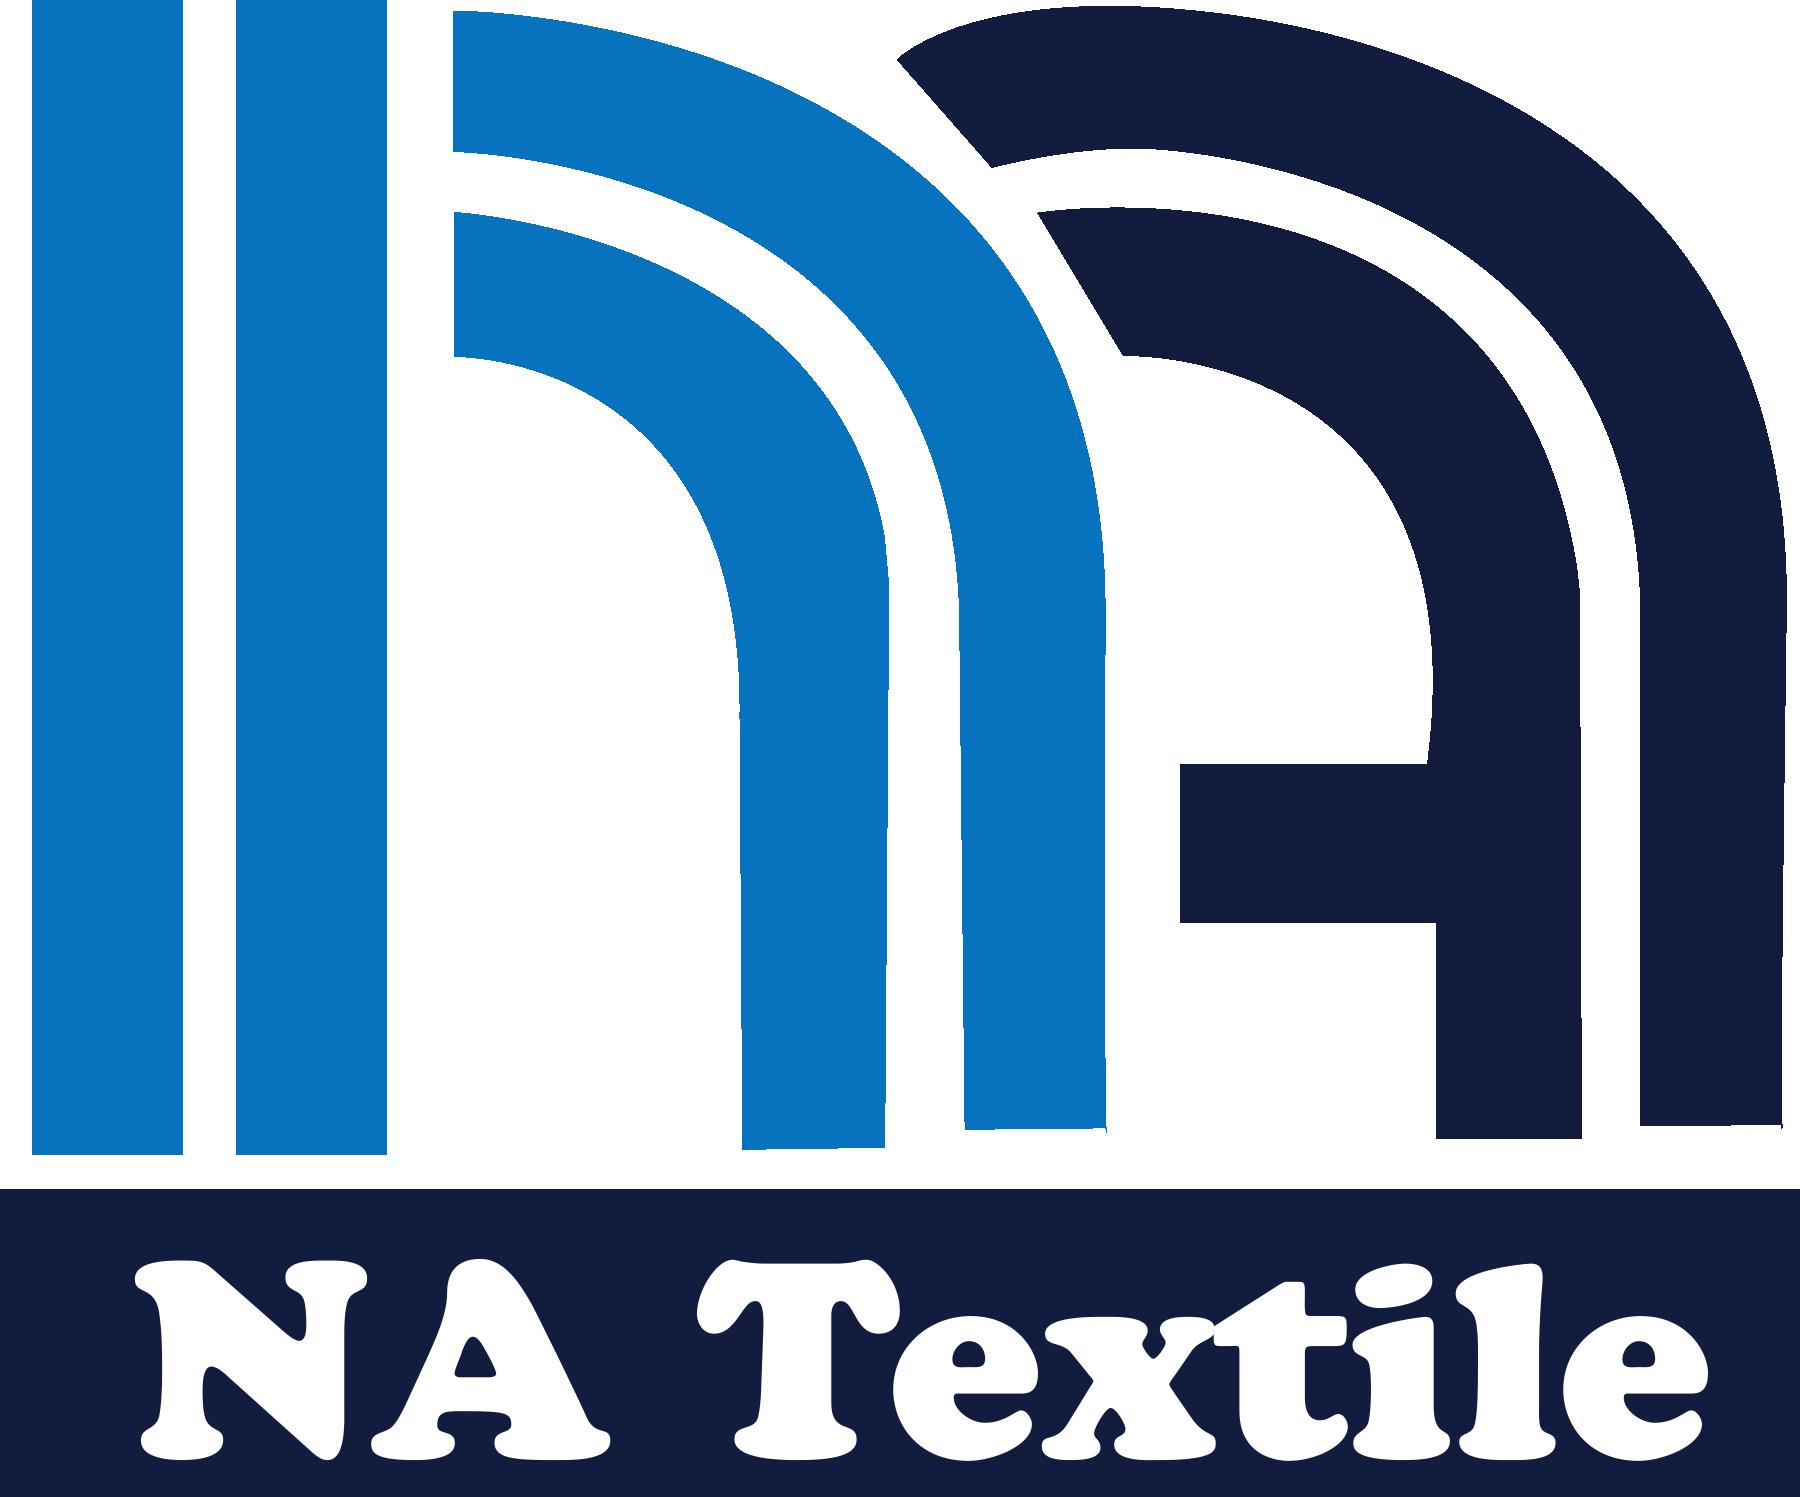 N.A Textile